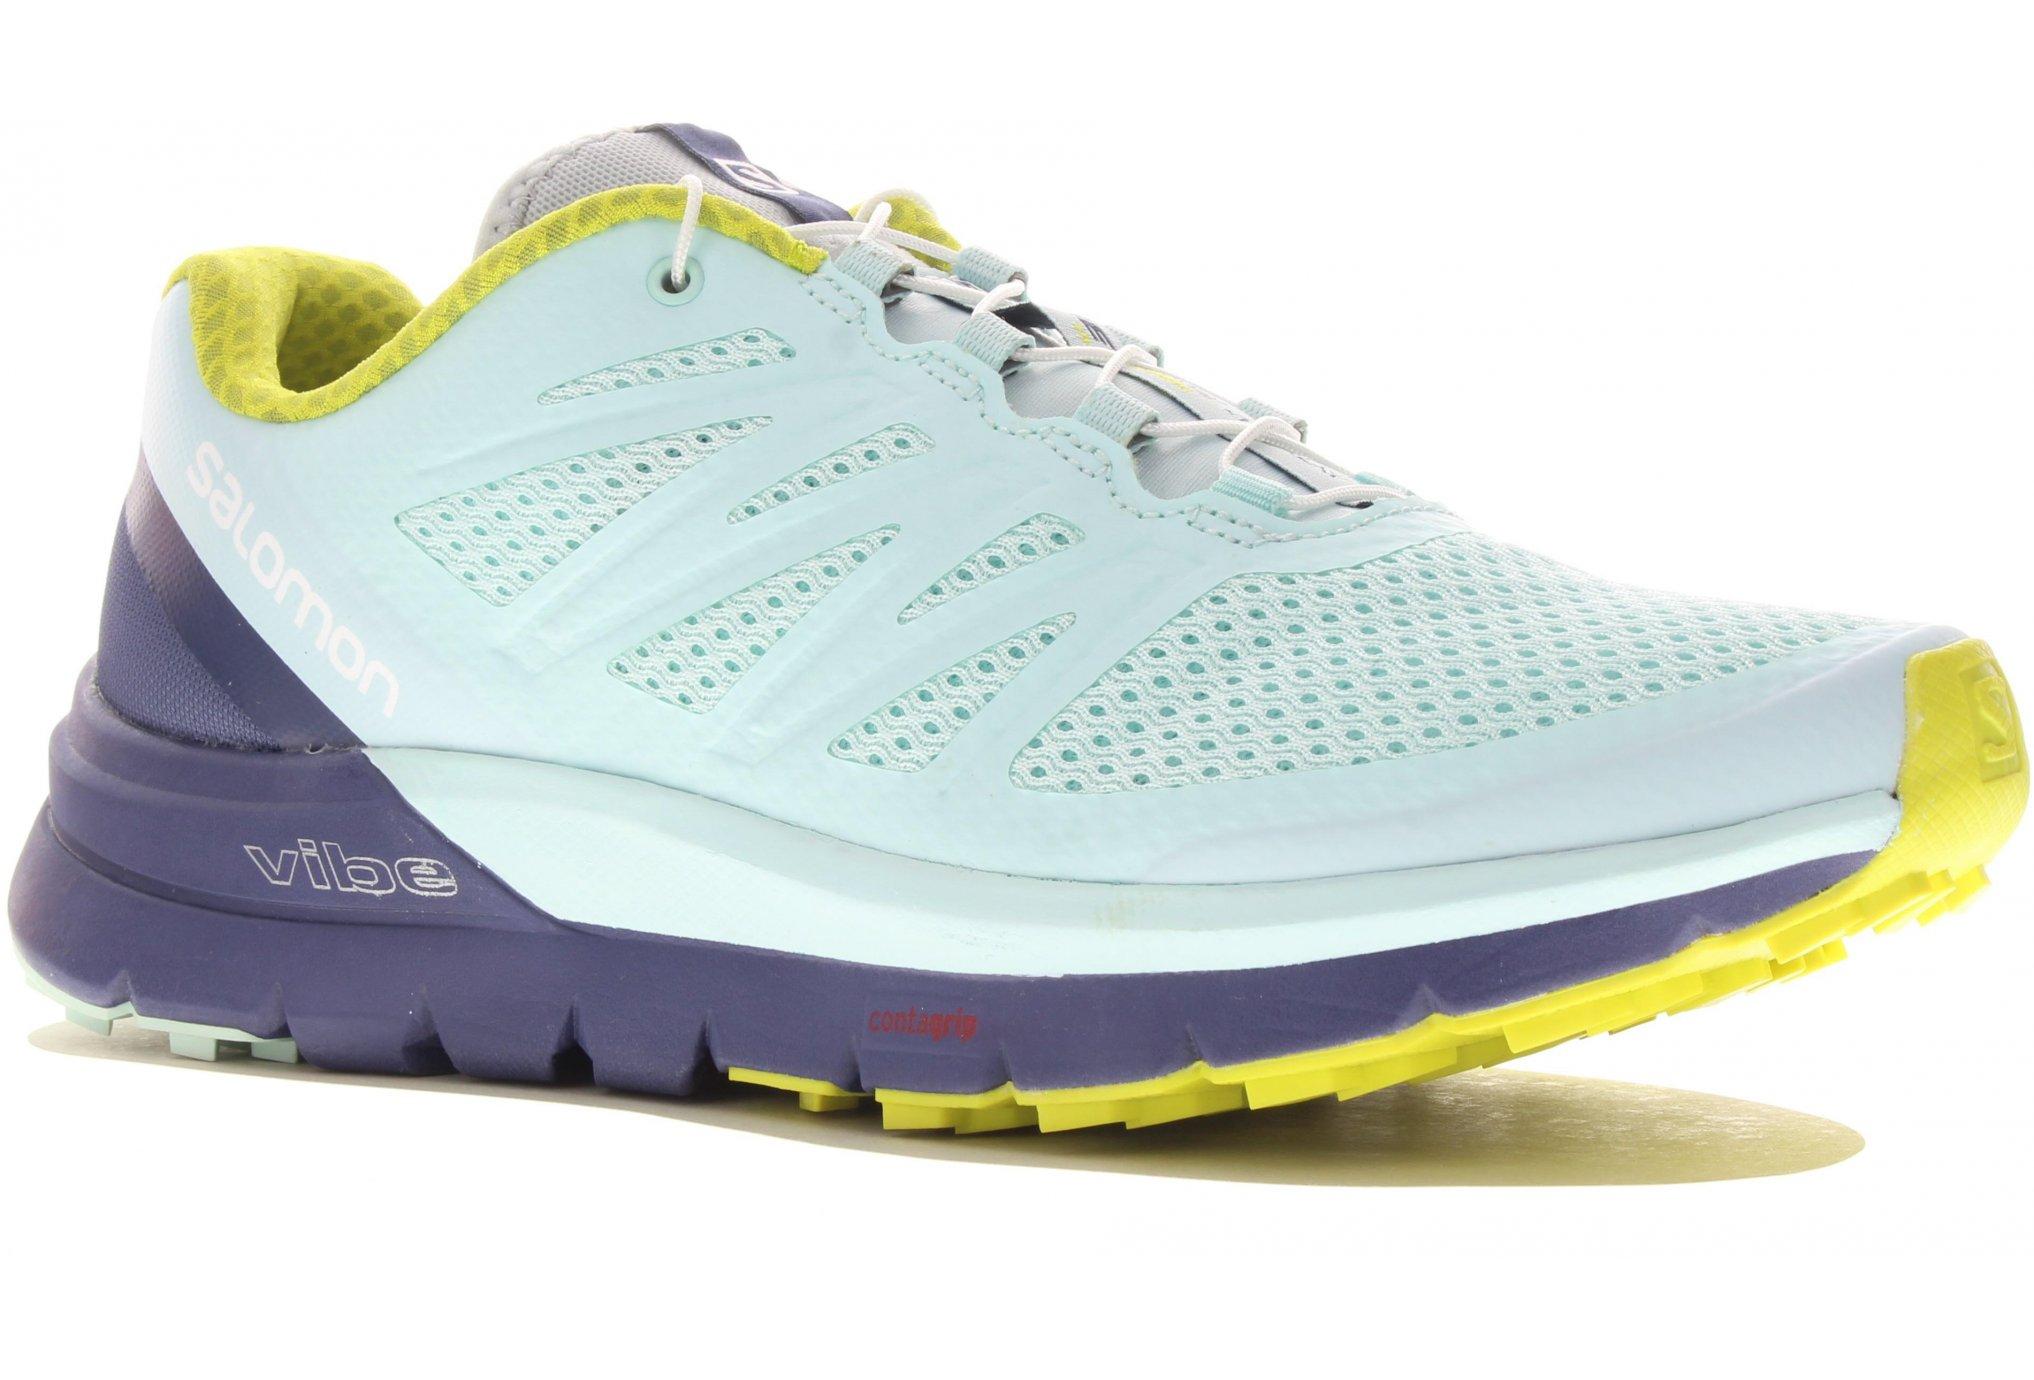 d8d046cfcda Liste de produits chaussures femme et prix chaussures femme - page ...